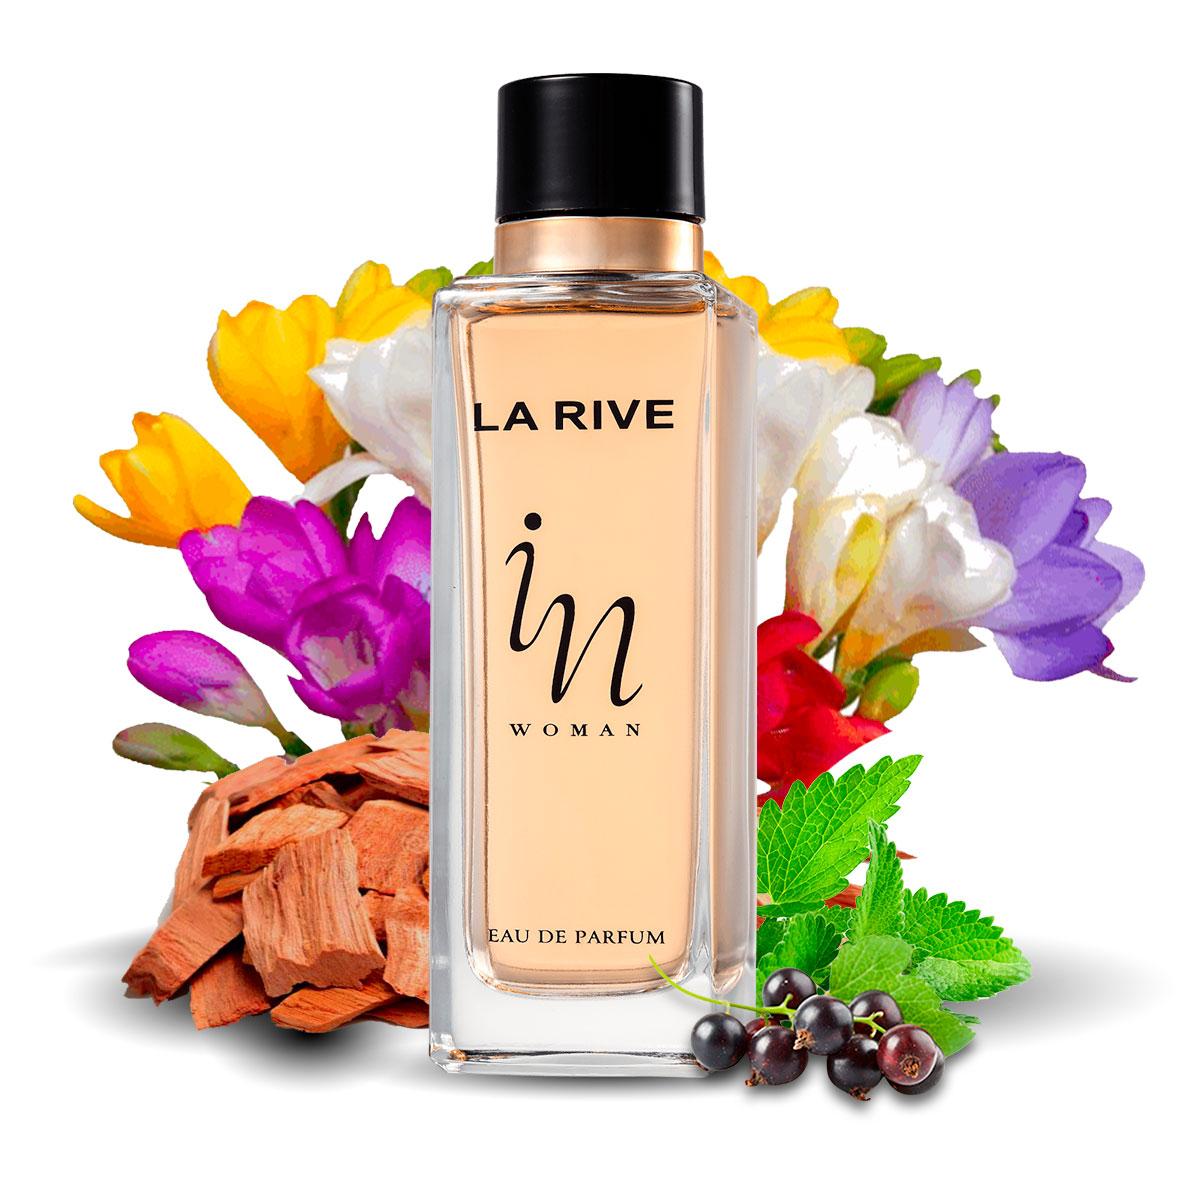 Kit 2 Perfumes, In Woman e Body Like a Man La Rive